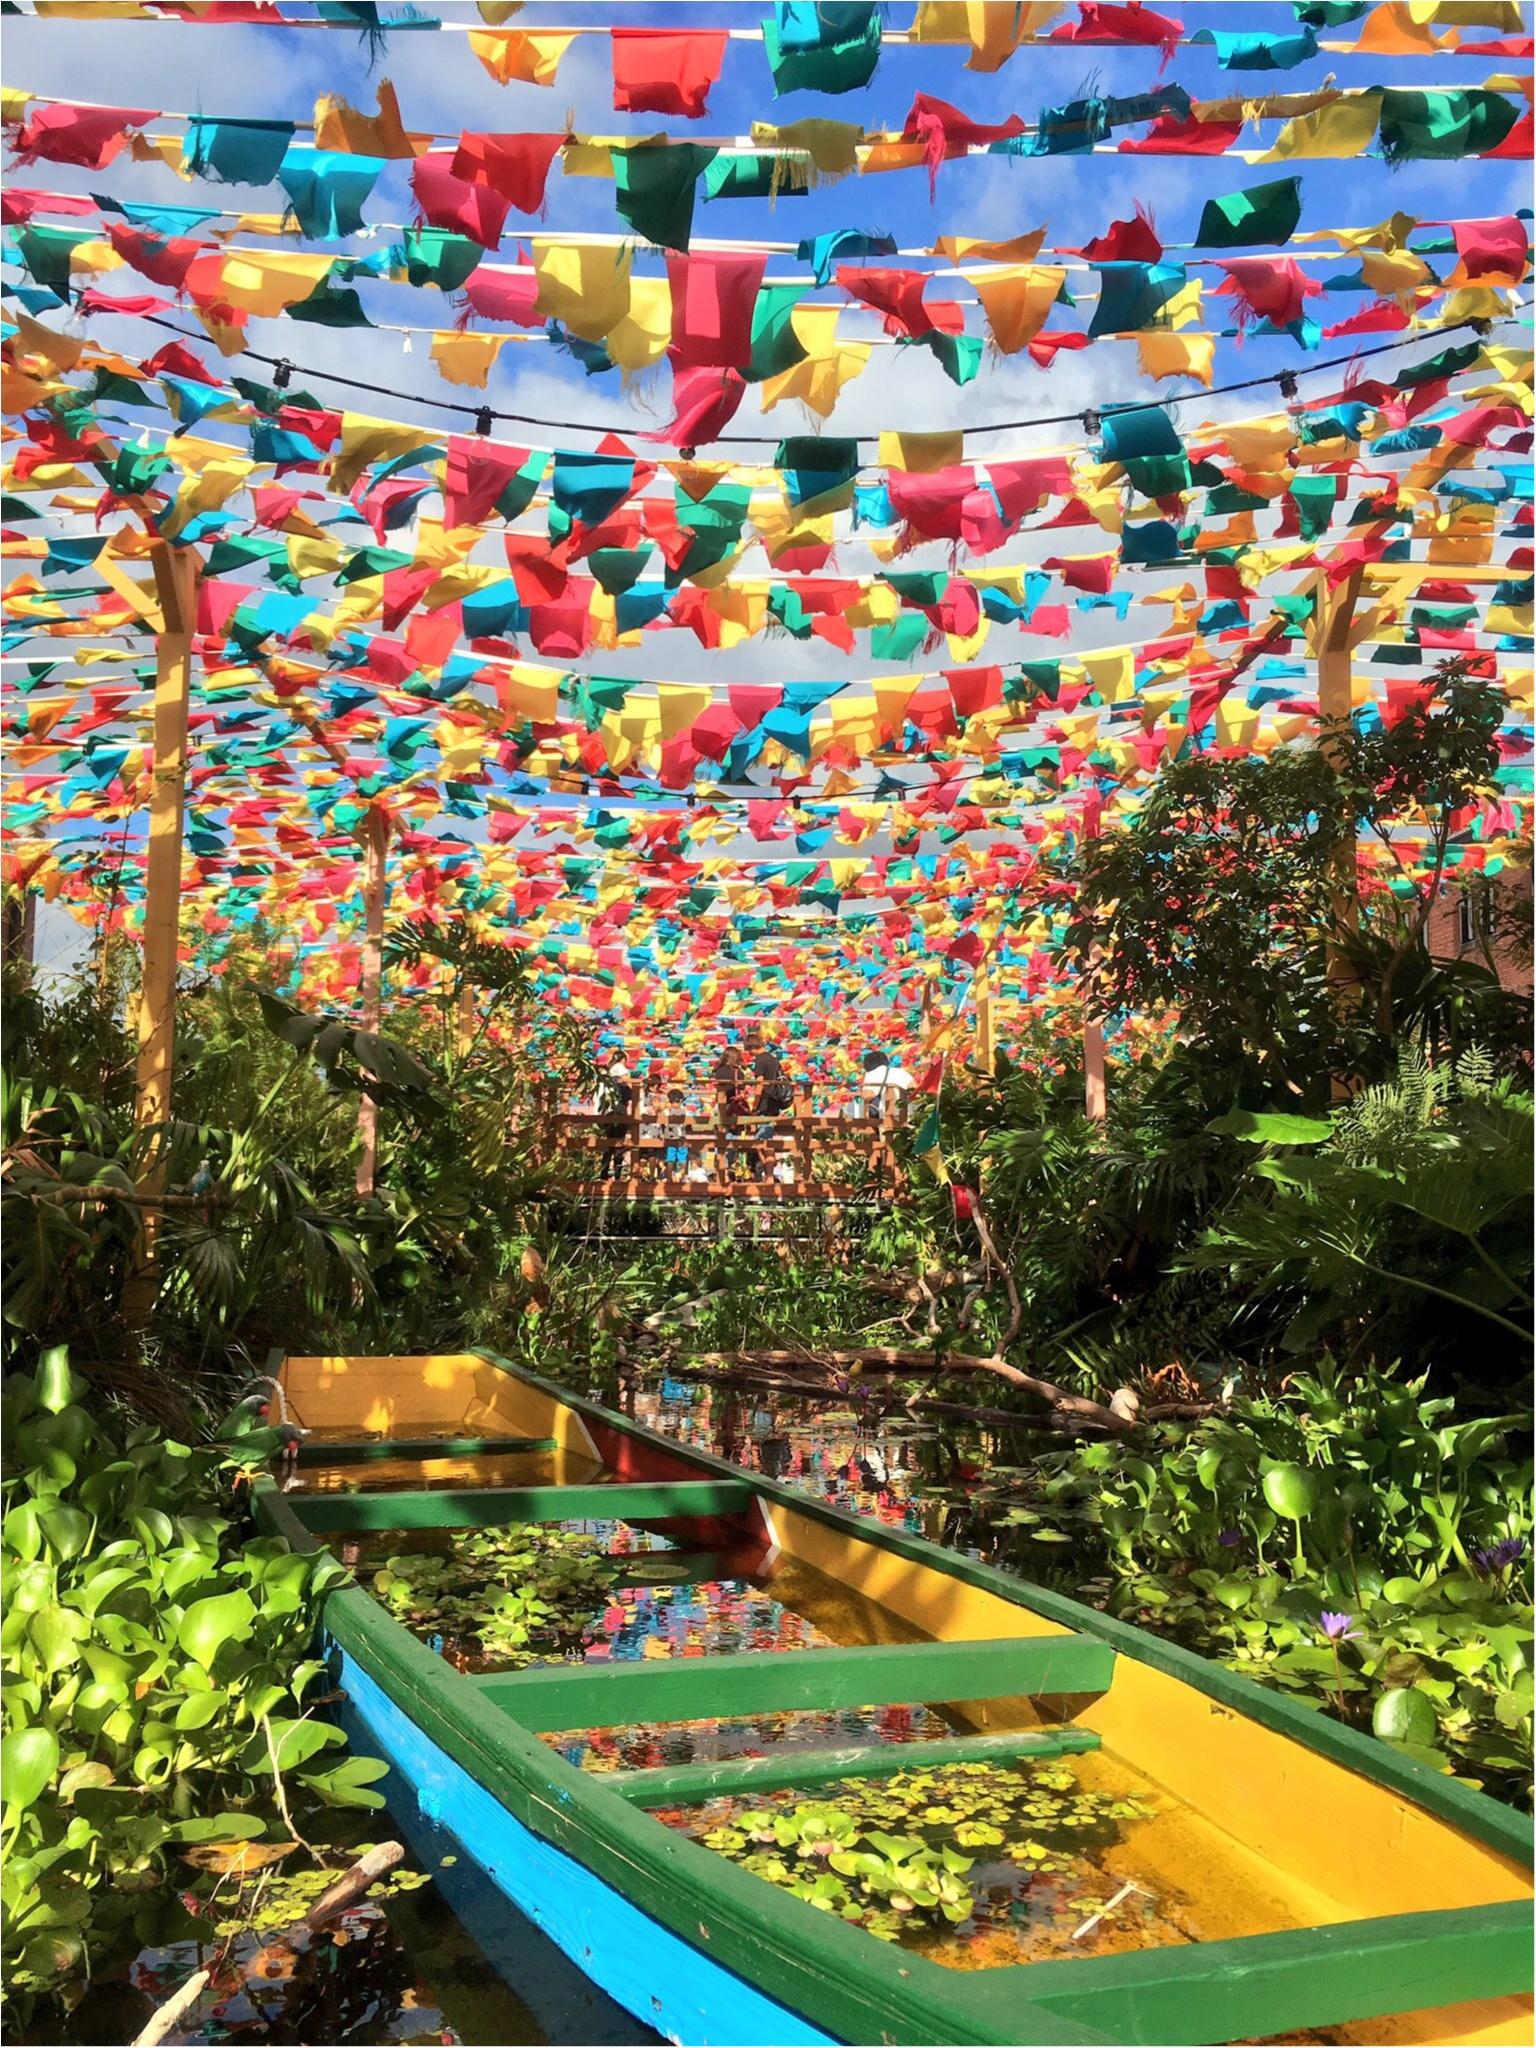 みなとみらい♡赤レンガにアマゾン川が出現…!?見ても楽しい♪食べても楽しい♪『RED BRICK Paradise』の写真たくさんレポ(*´ ˘ `*)!_3